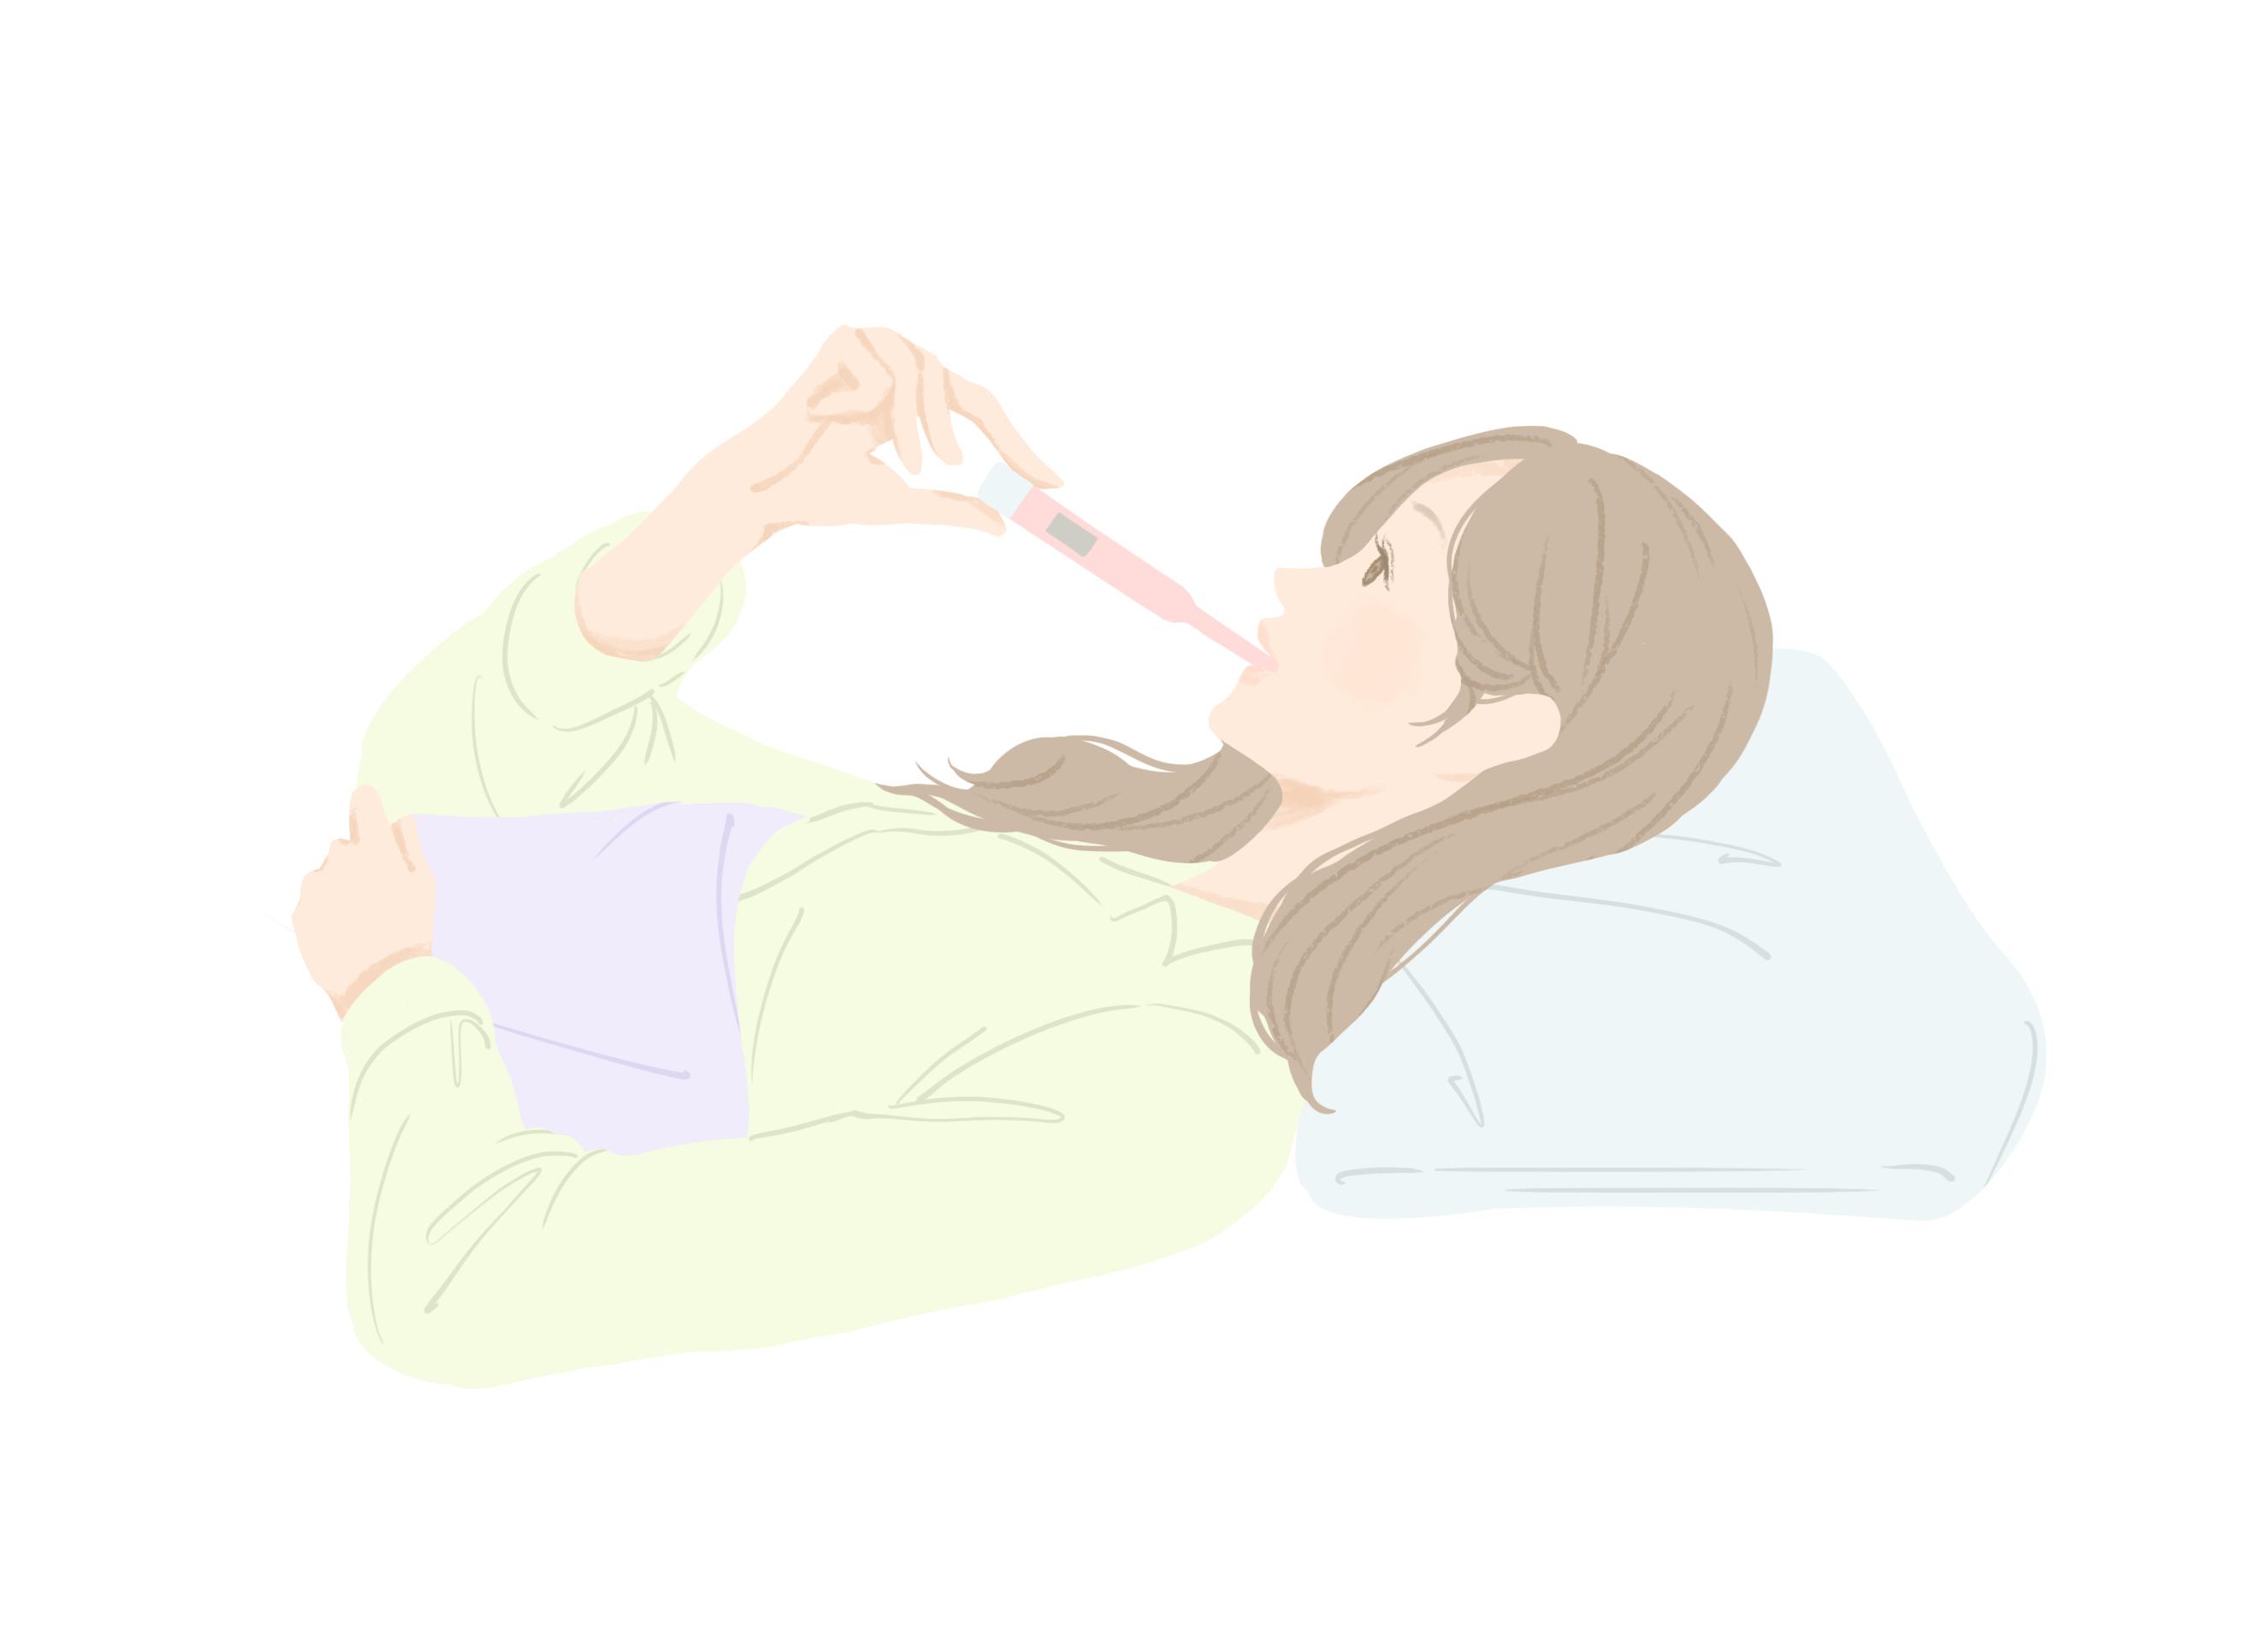 heikeinozentyou_02.jpeg